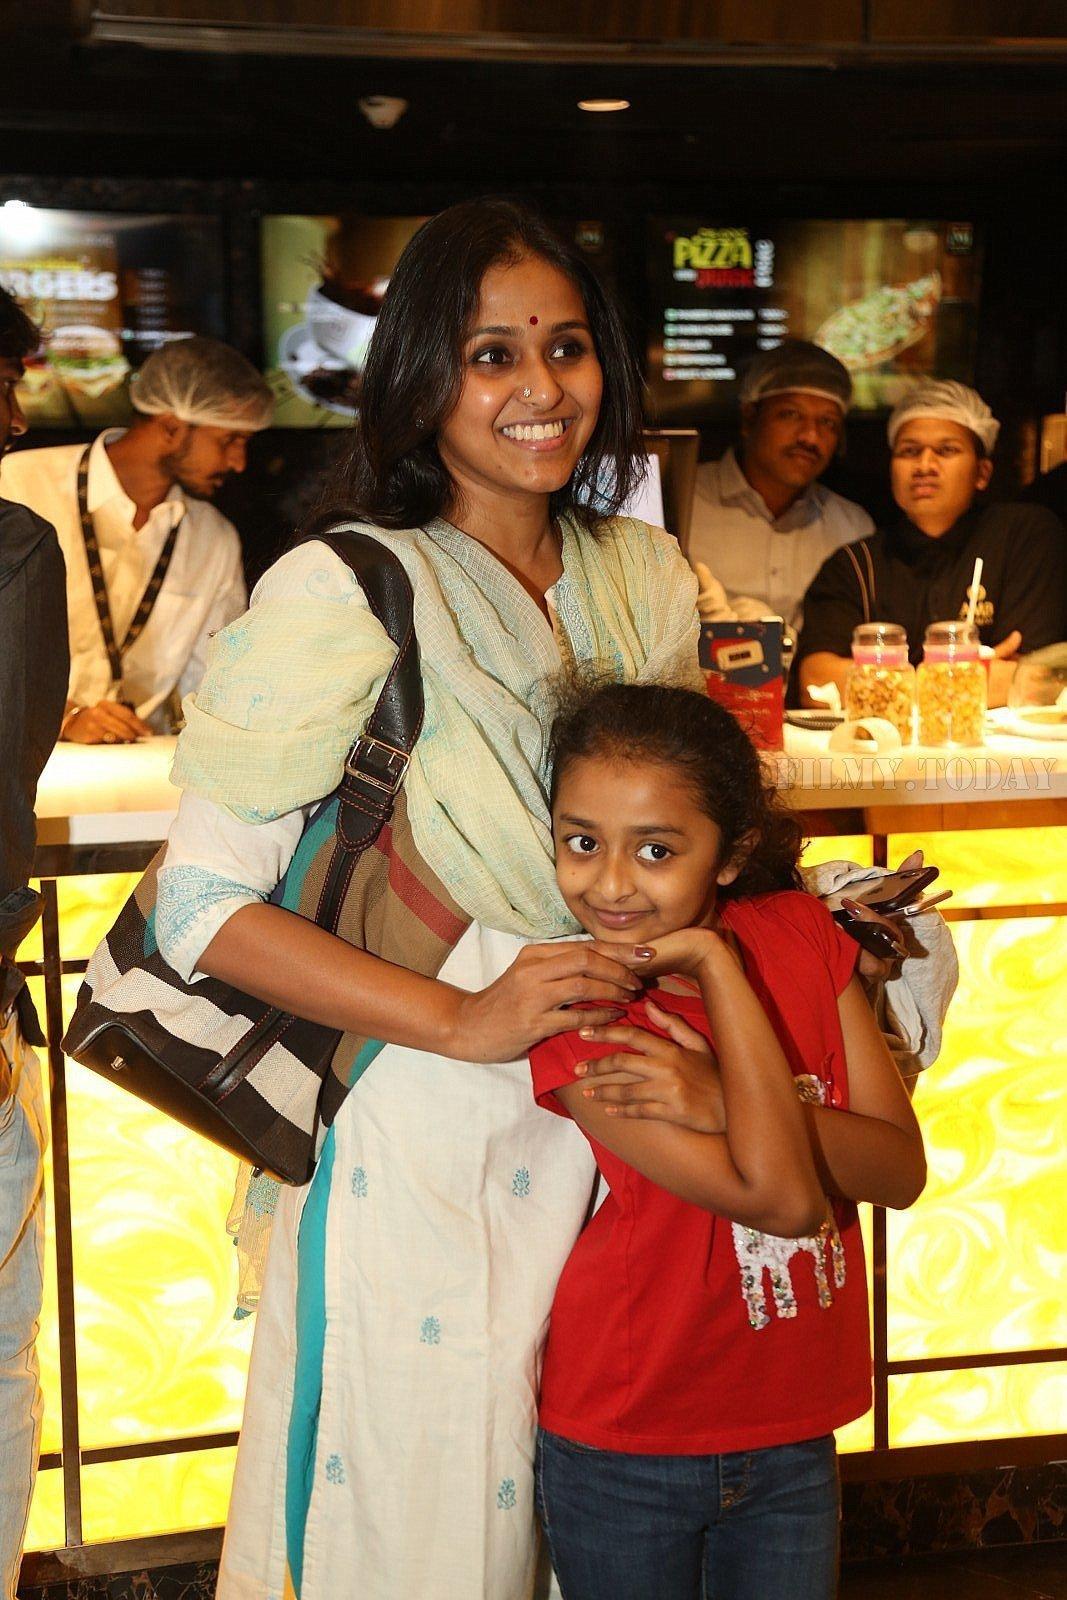 NTR Mahanayakudu Movie Premier at AMB Mall Photos | Picture 1628515